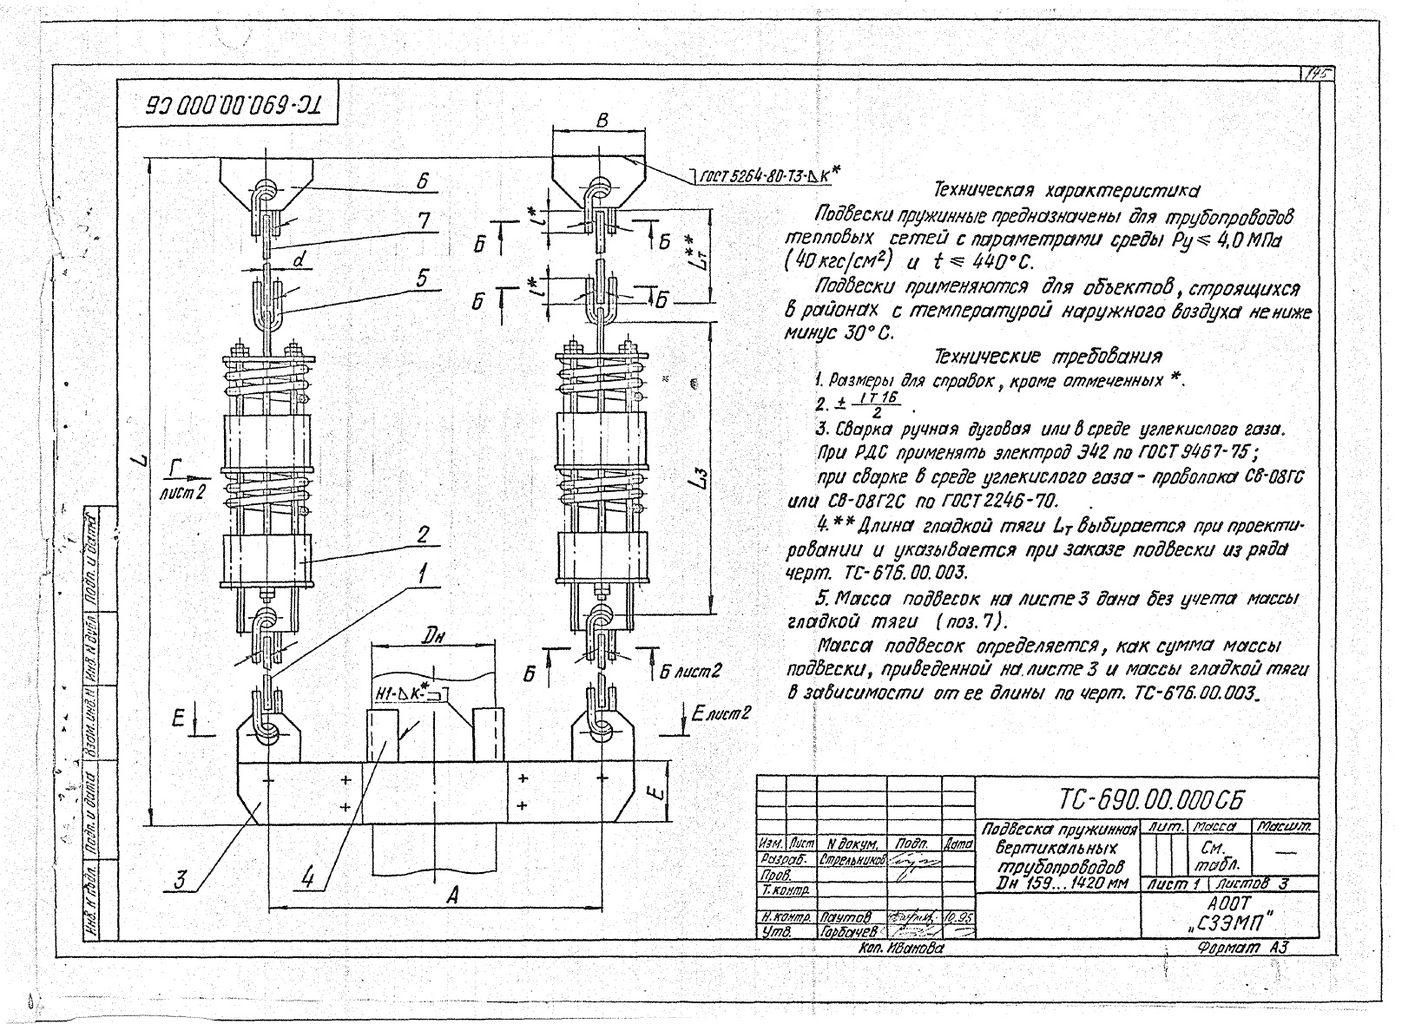 Подвески пружинные для вертикальных трубопроводов Дн 159-1420 мм ТС-690.00.000 СБ серия 5.903-13 выпуск 6-95 стр.1